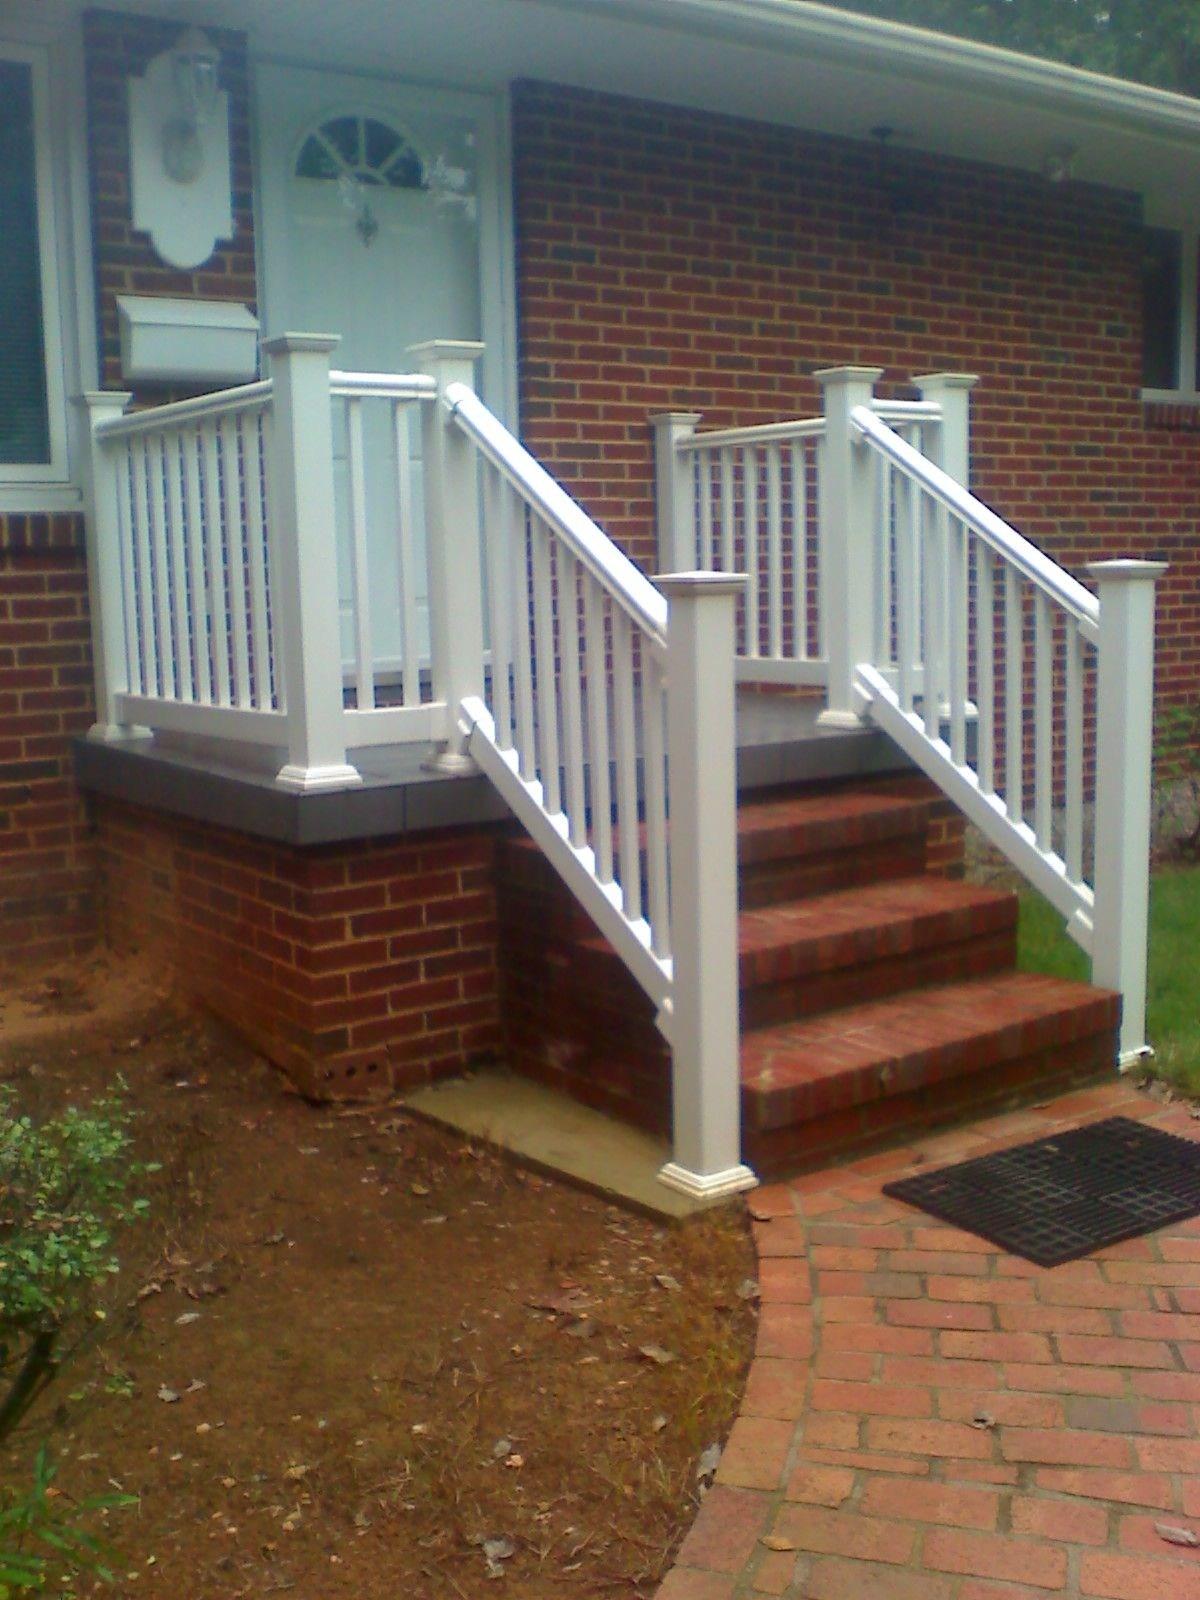 White Railing On A Concrete Porch Boling Front Porch | Vinyl Handrails For Concrete Steps